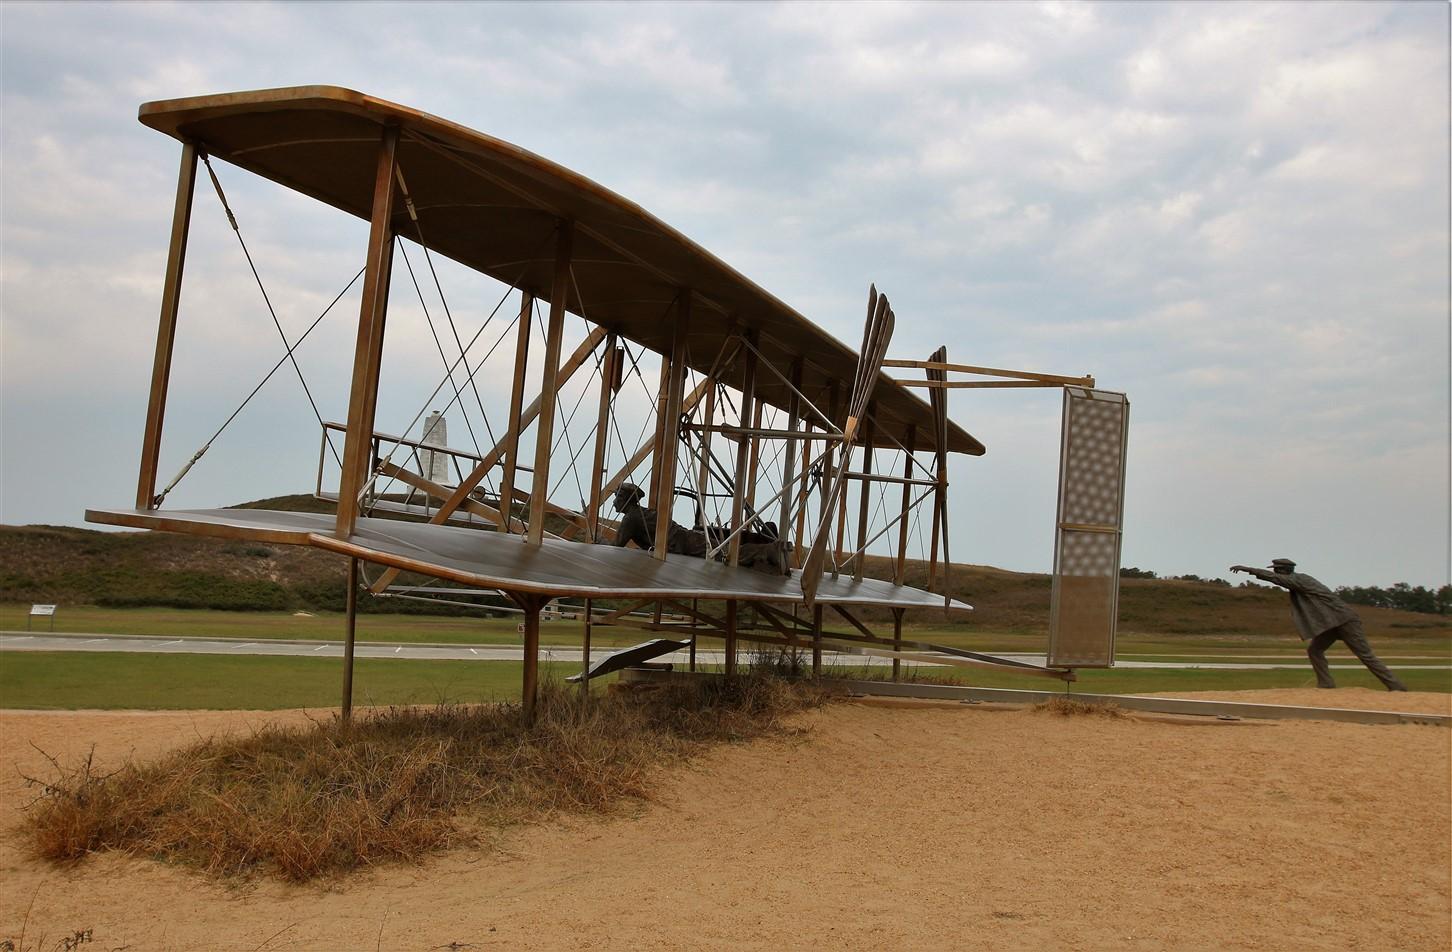 2016 11 09 48 Kill Devil Hills NC Wright Brothers Memorial